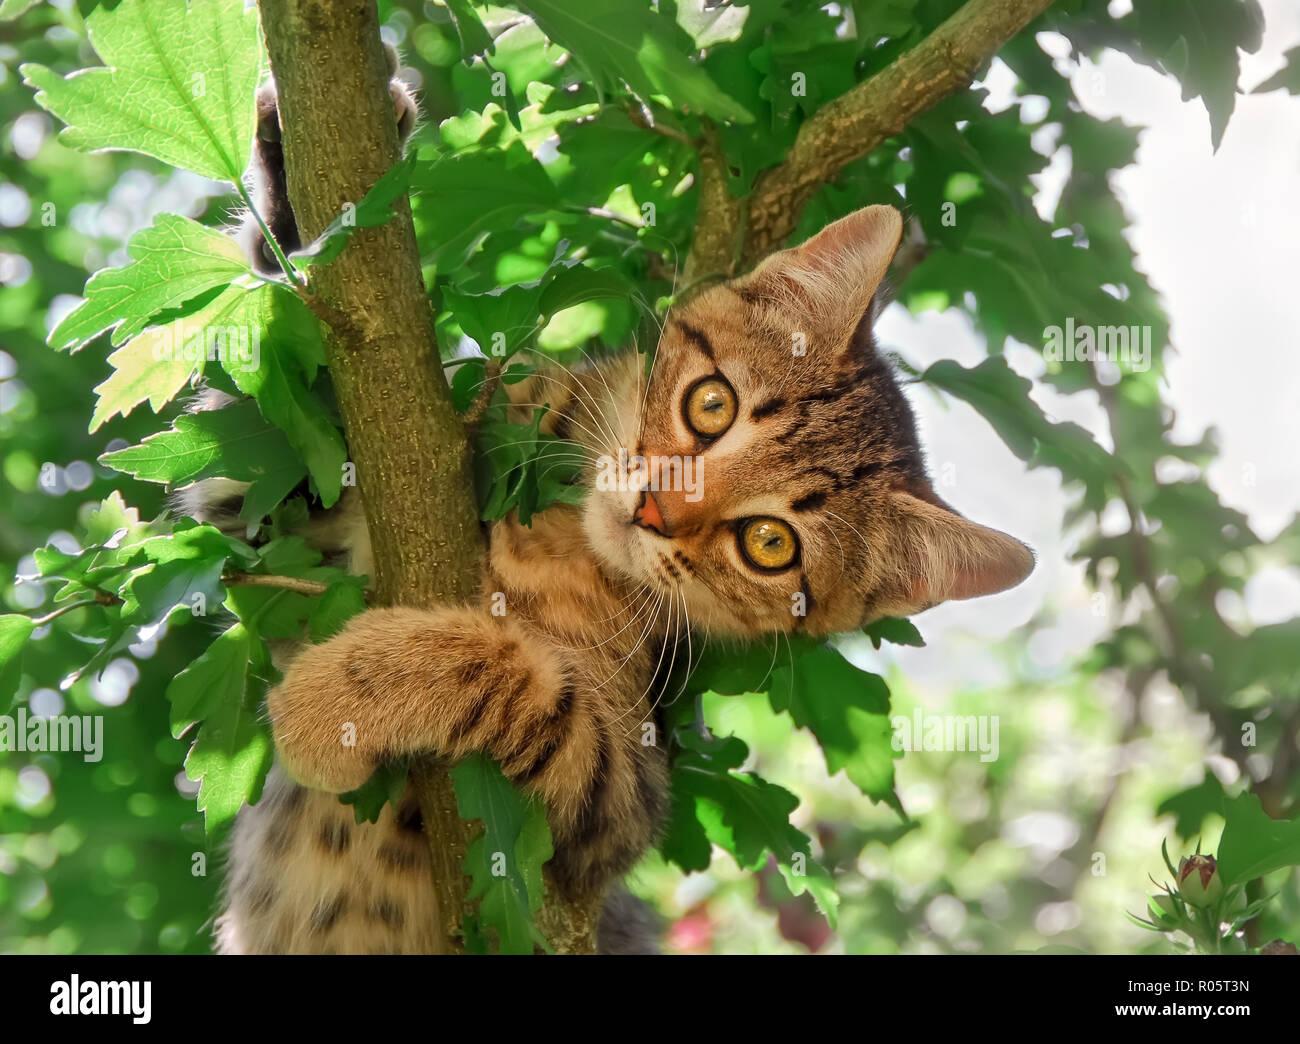 Un curieux tabby kitten, poil court, joue dans un jardin et l'escalade dans un arbre Photo Stock